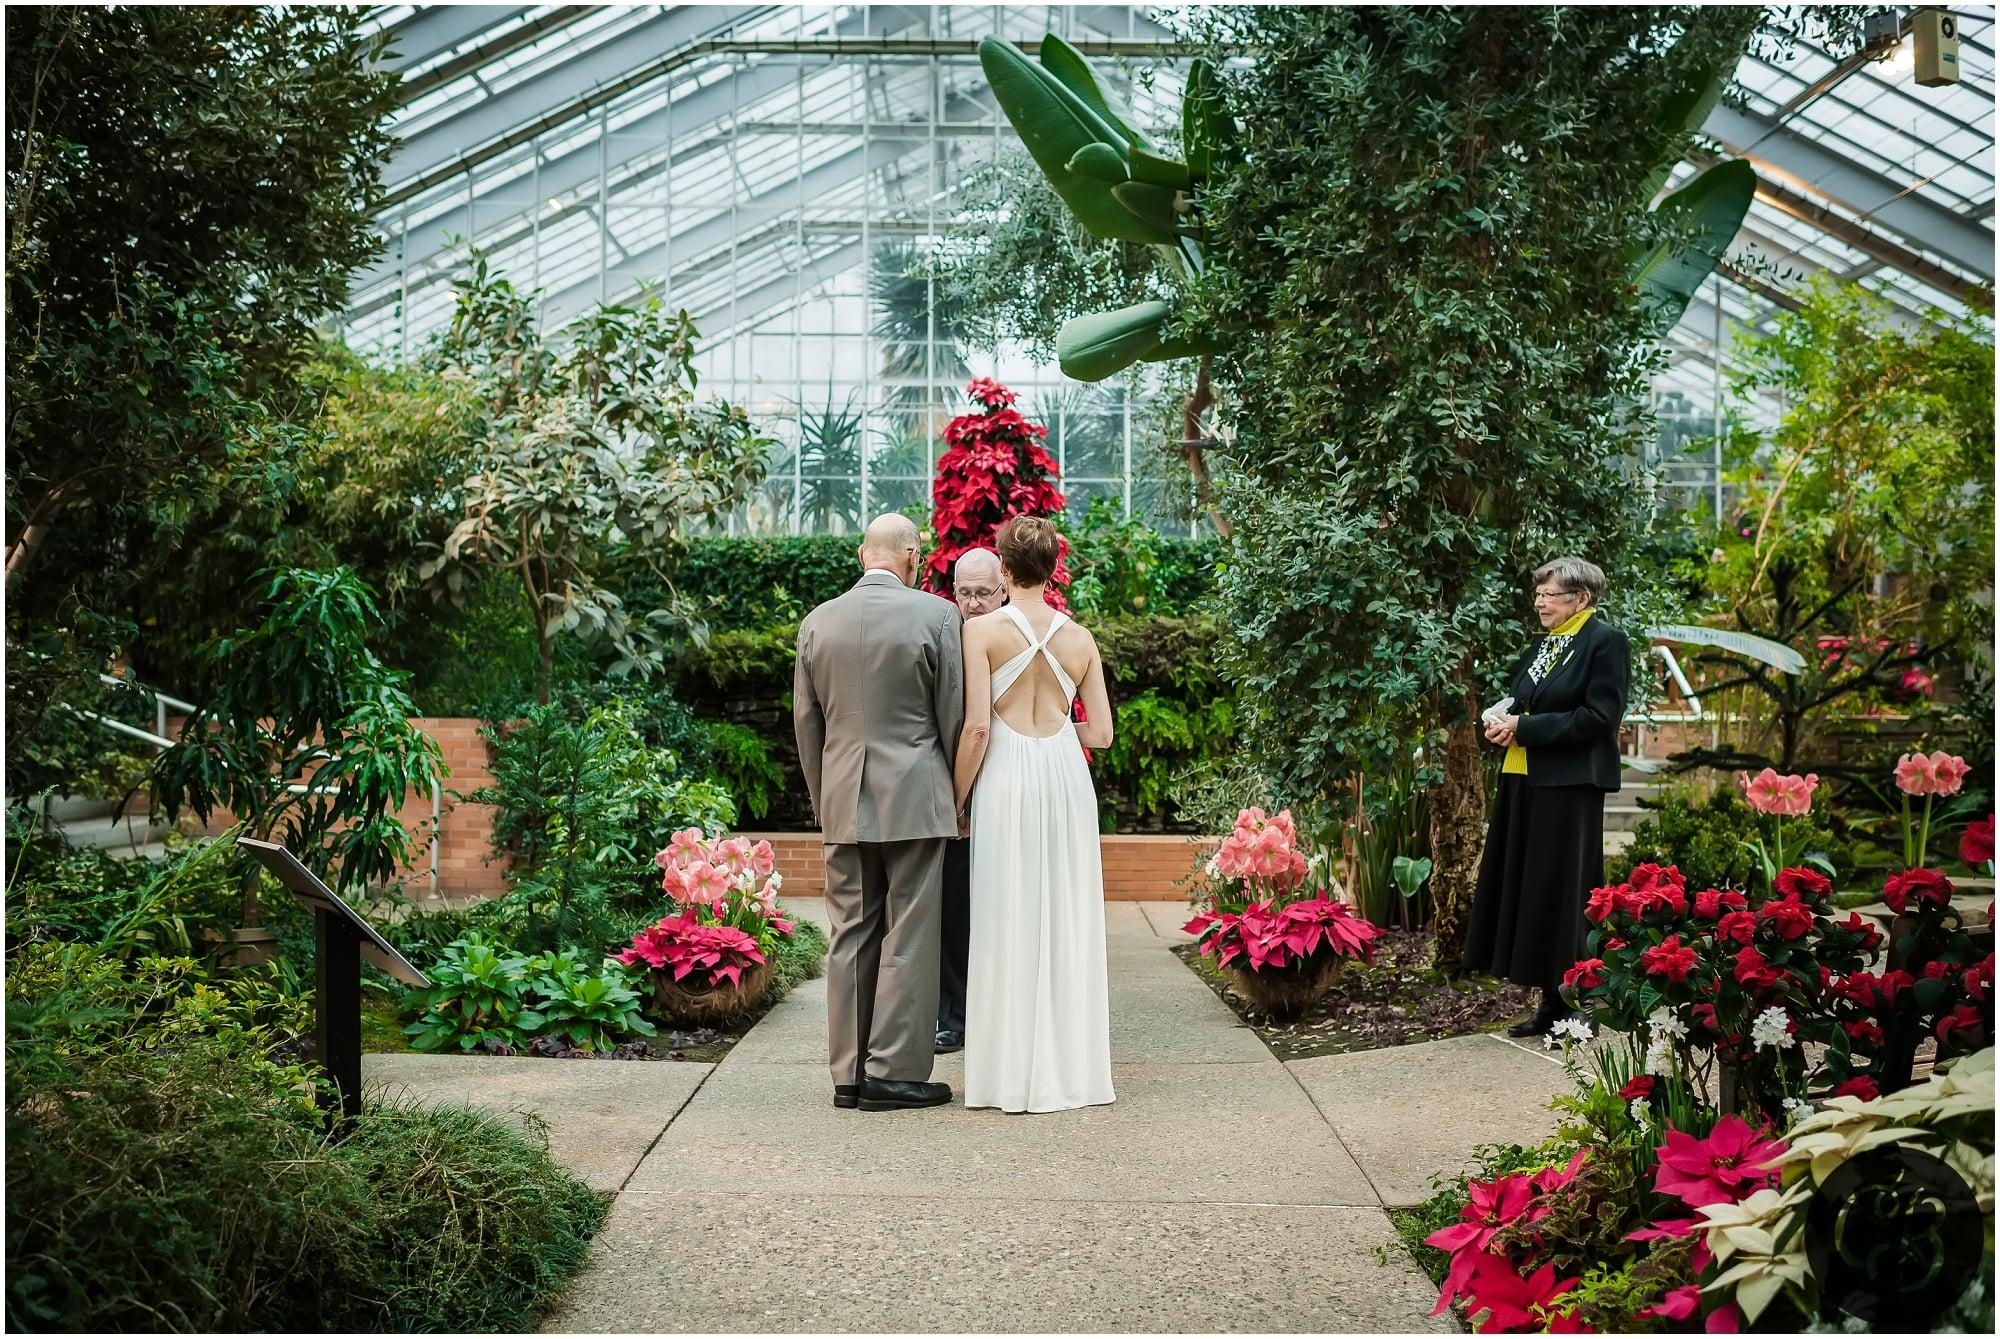 matthaei botanical gardens elopement :: colleen & larry — chelsea